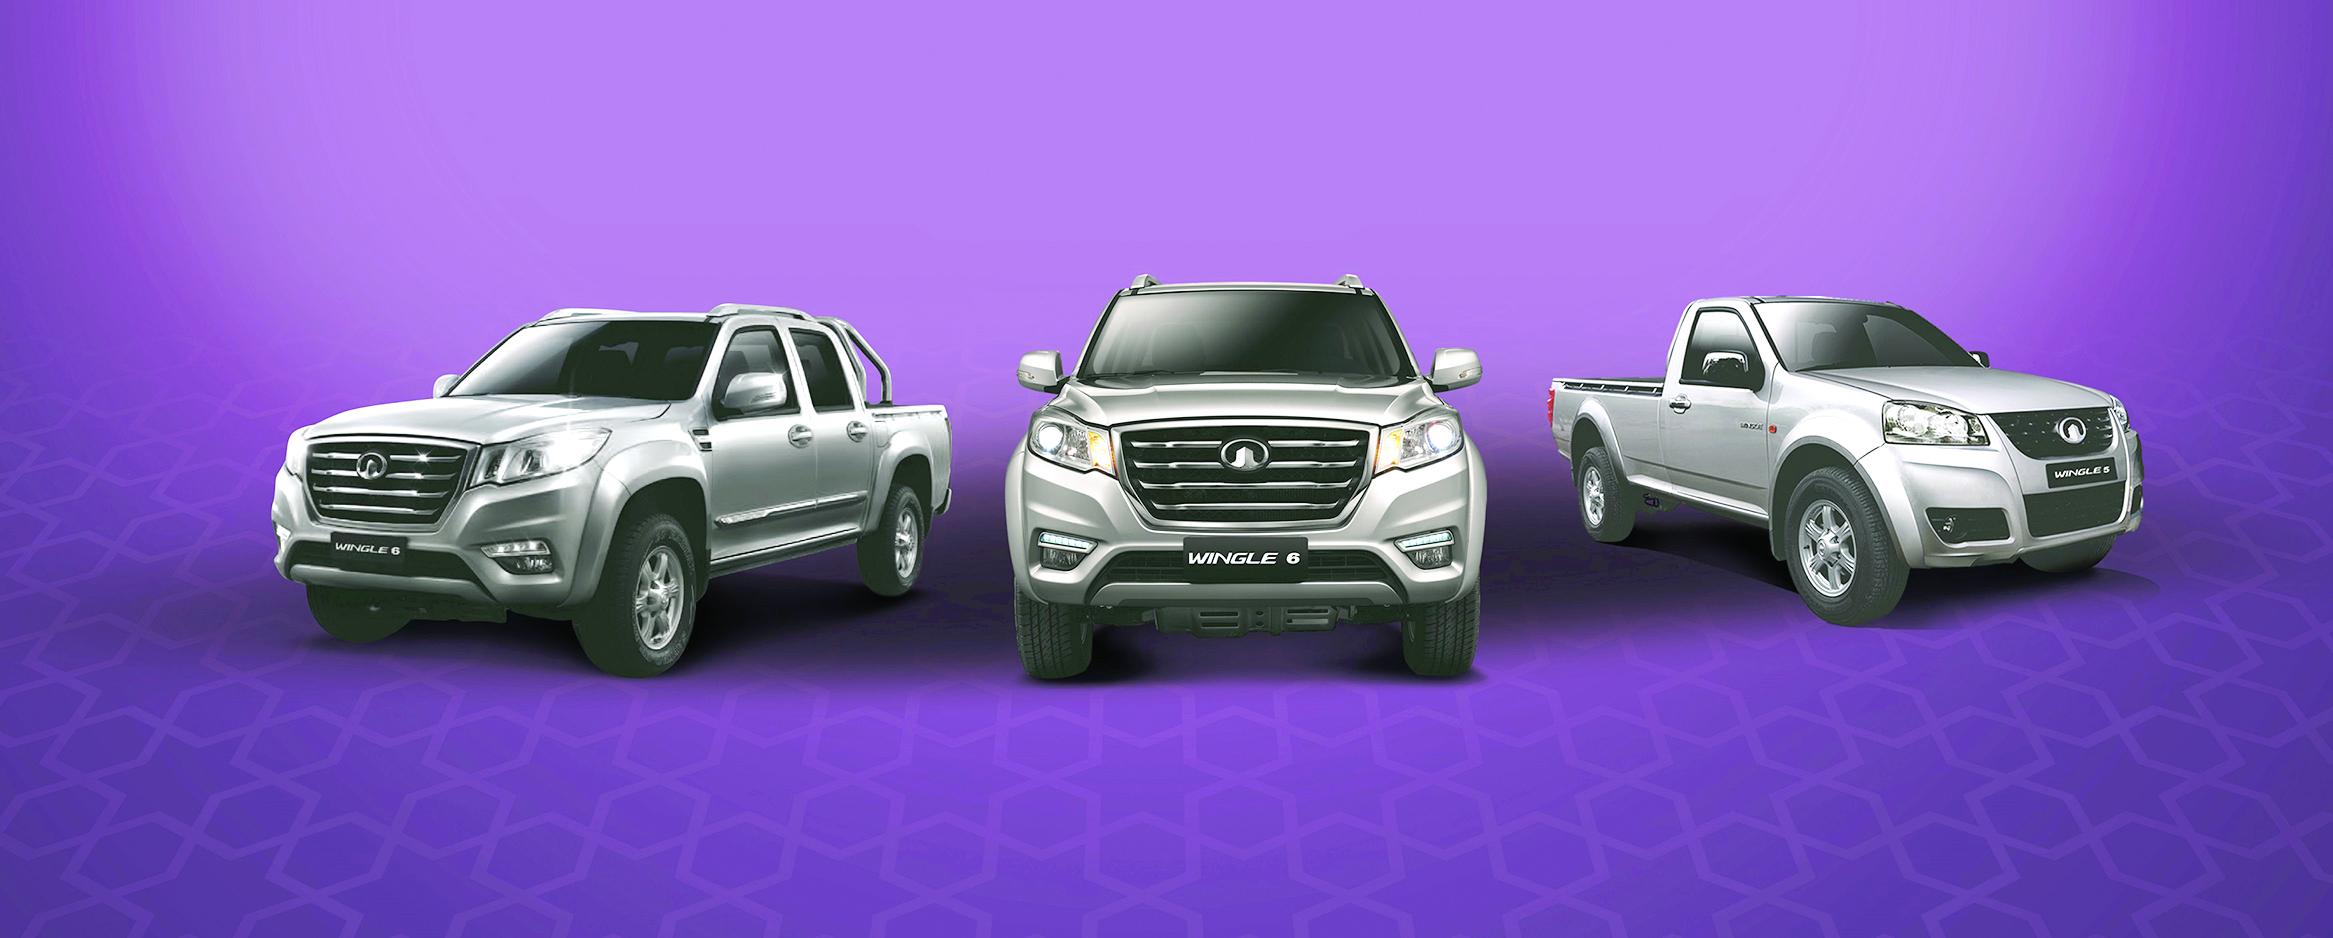 تتضمن هدايا نقدية تصل لـ 2799 ريالاً وتأميناً مجانياًإطلاق عرض «الرميلة للسيارات» على «هافال» و«جريت وول»